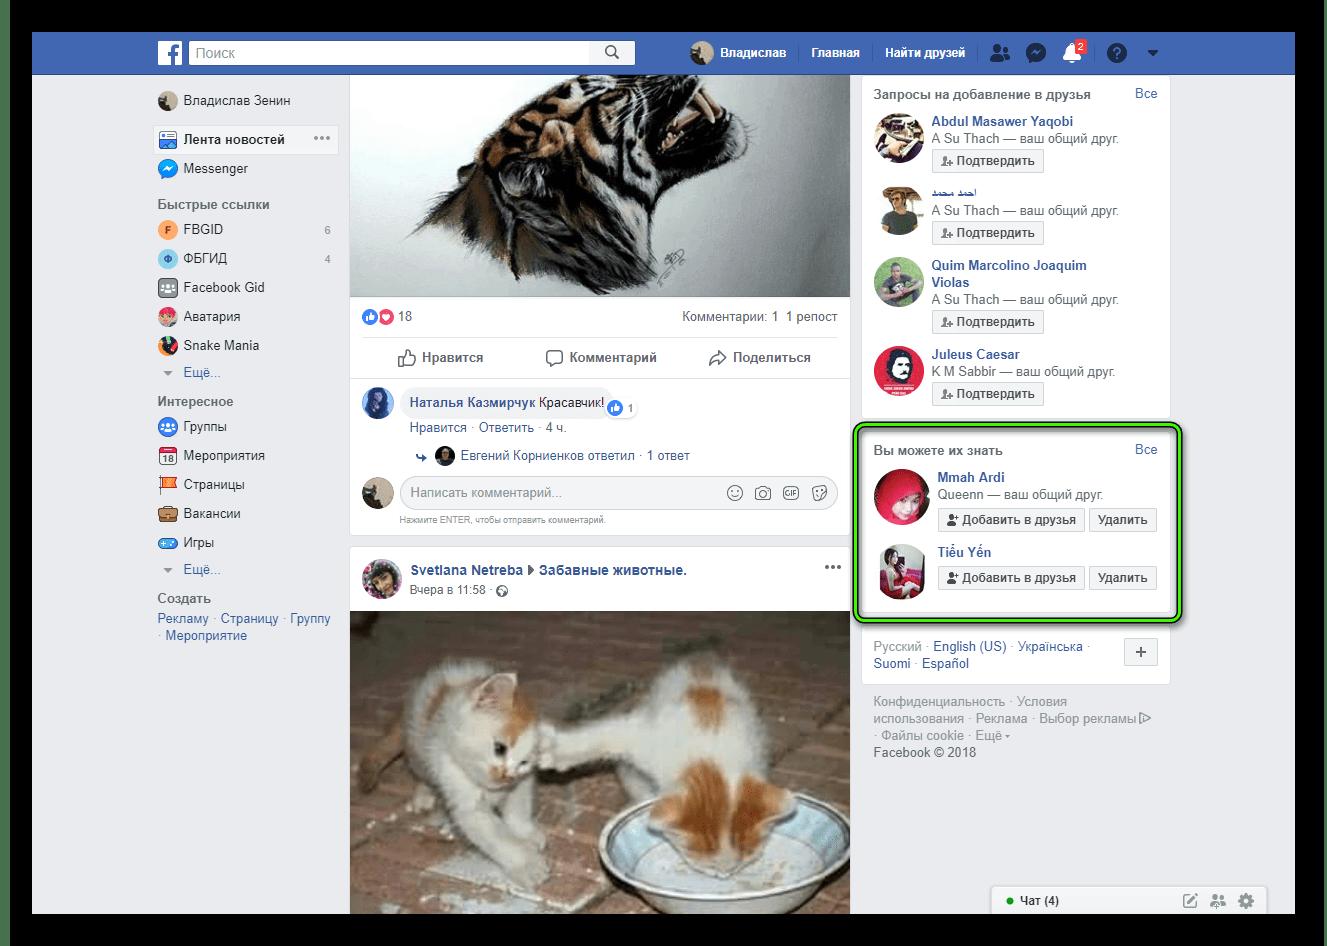 Rekomendovannye-druzya-na-sajte-v-Facebook.png